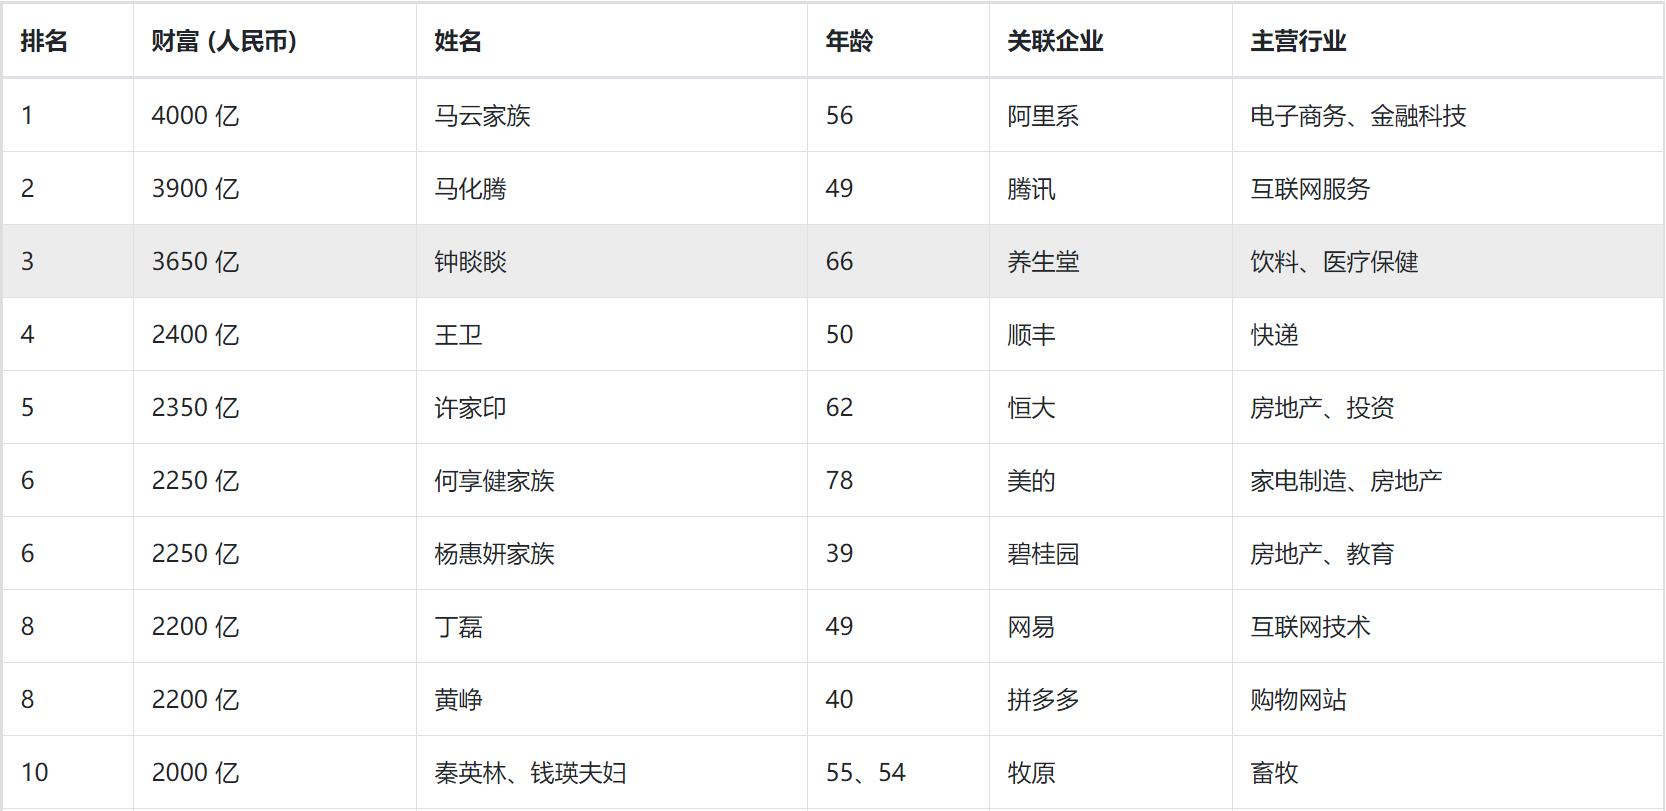 胡润百富汽车榜 吉利李书福蝉联第1 长城魏建军财富被严重低估